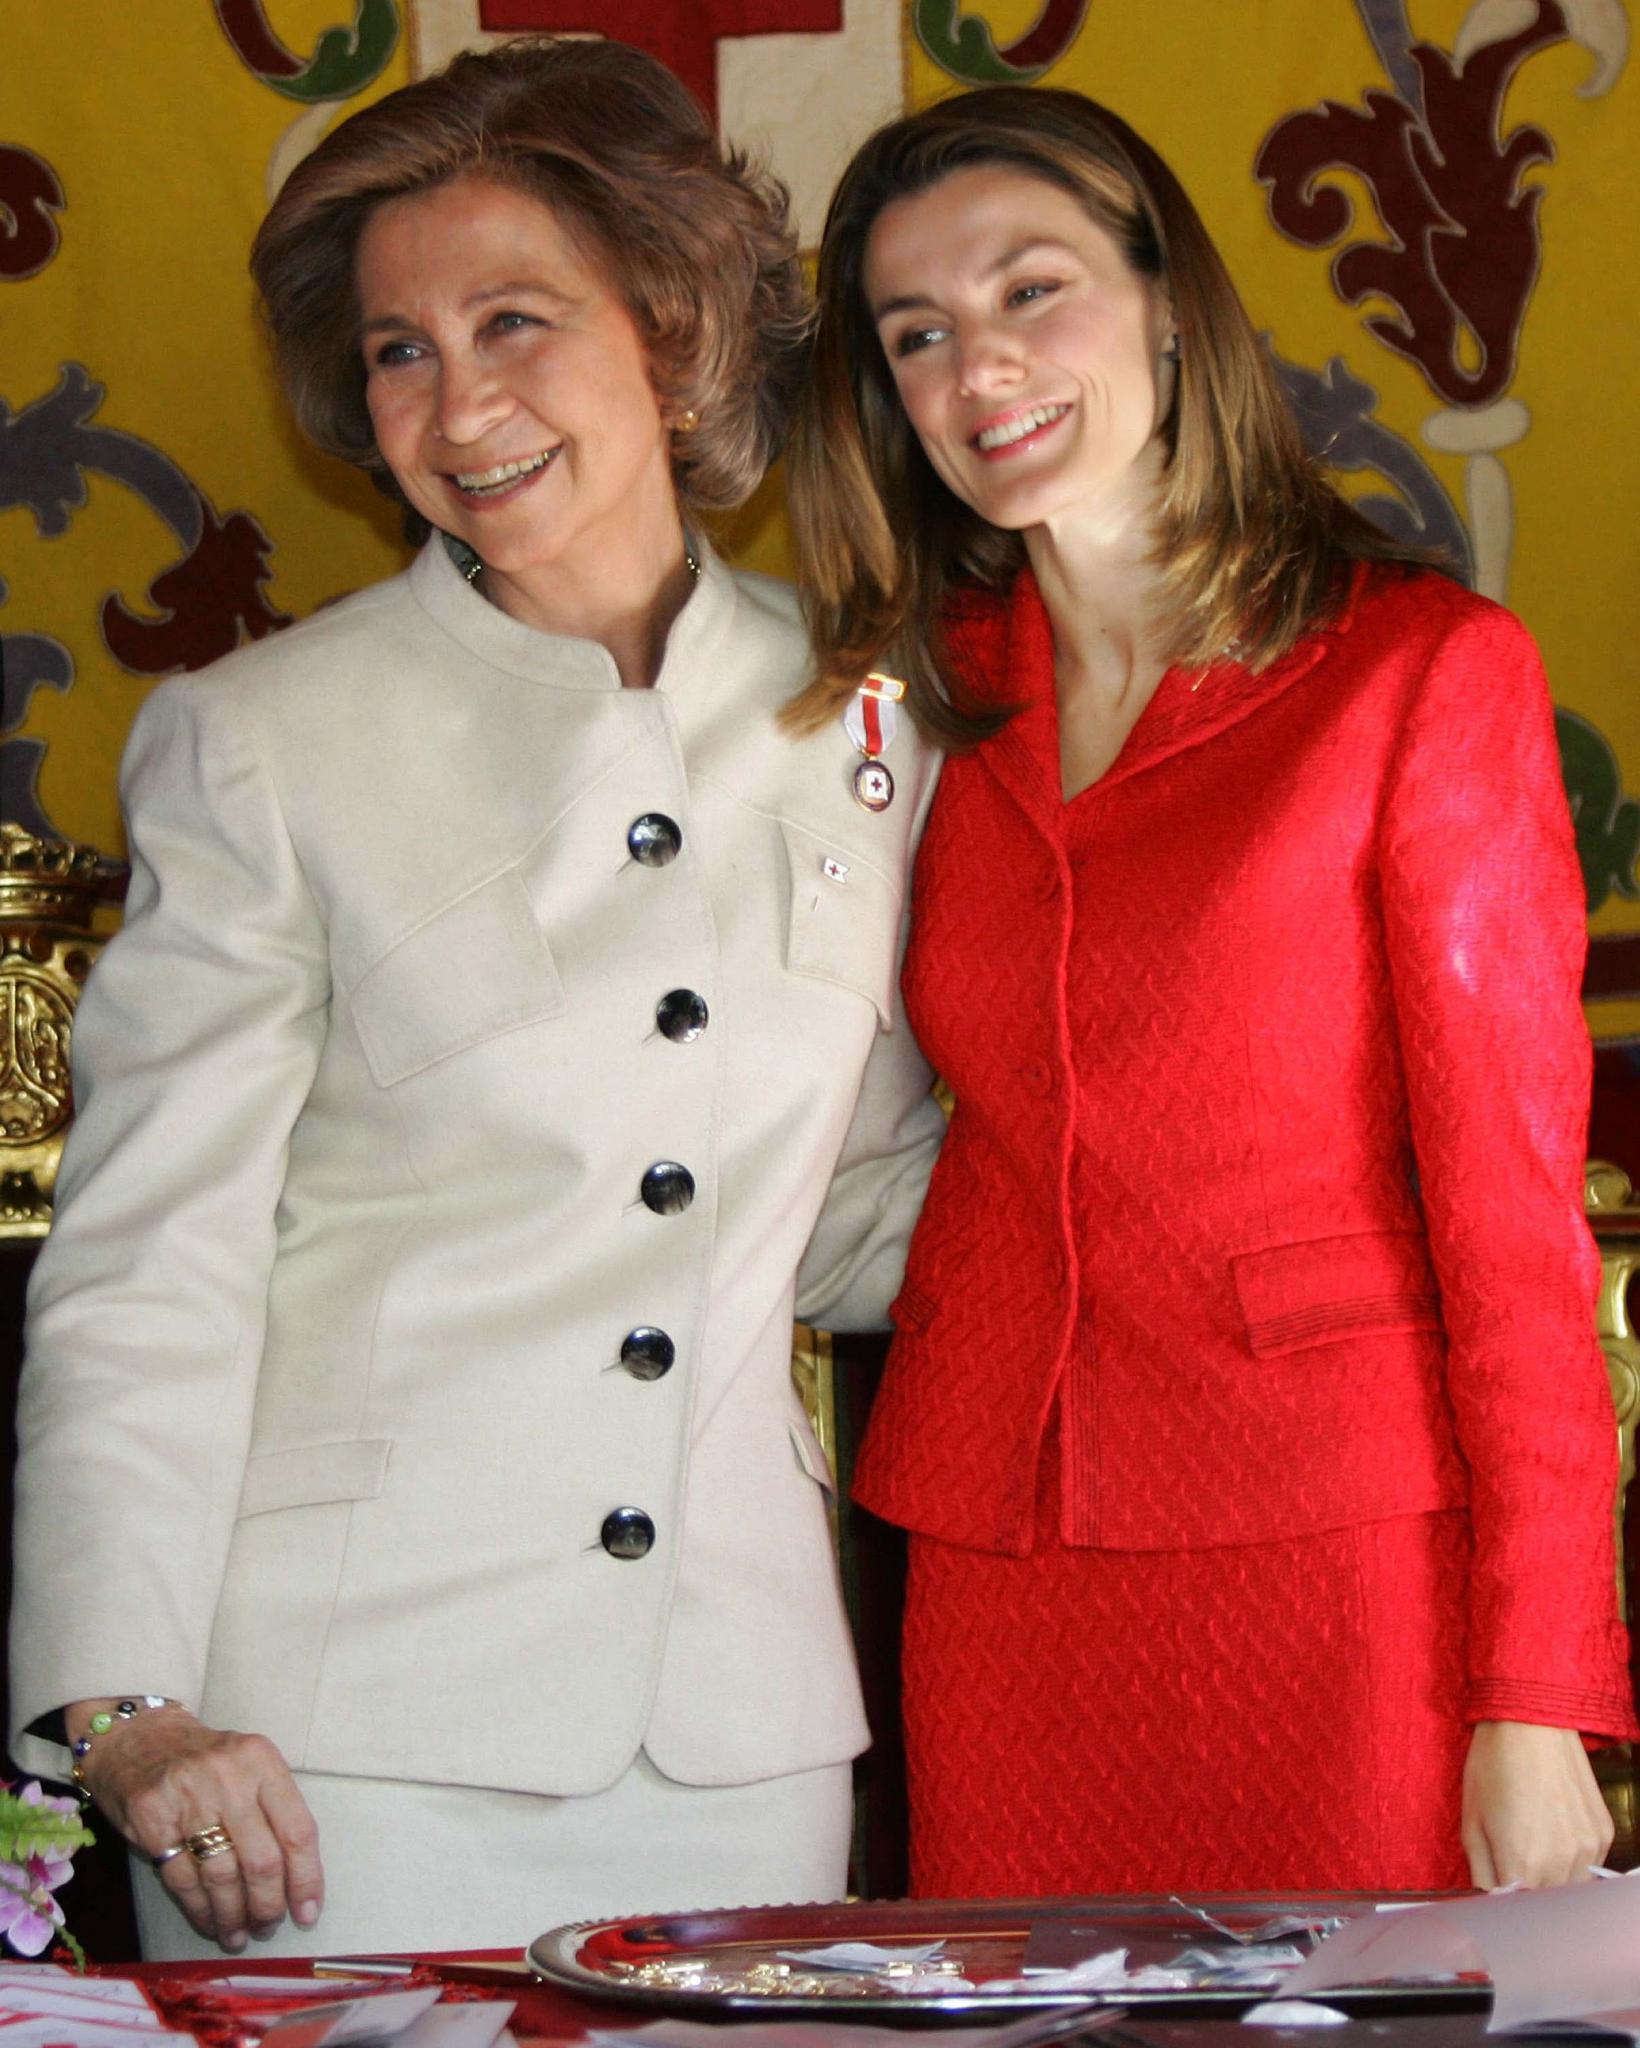 Mit ihrer Schwiegertochter Letizia verbindet Königin Sofía heute ein herzliches Verhältnis. Zu Beginn achtete sie vor allem darauf, dass die bürgerlich Geborene alle Feinheiten des strengen spanischen Hofzeremoniells erlernte.